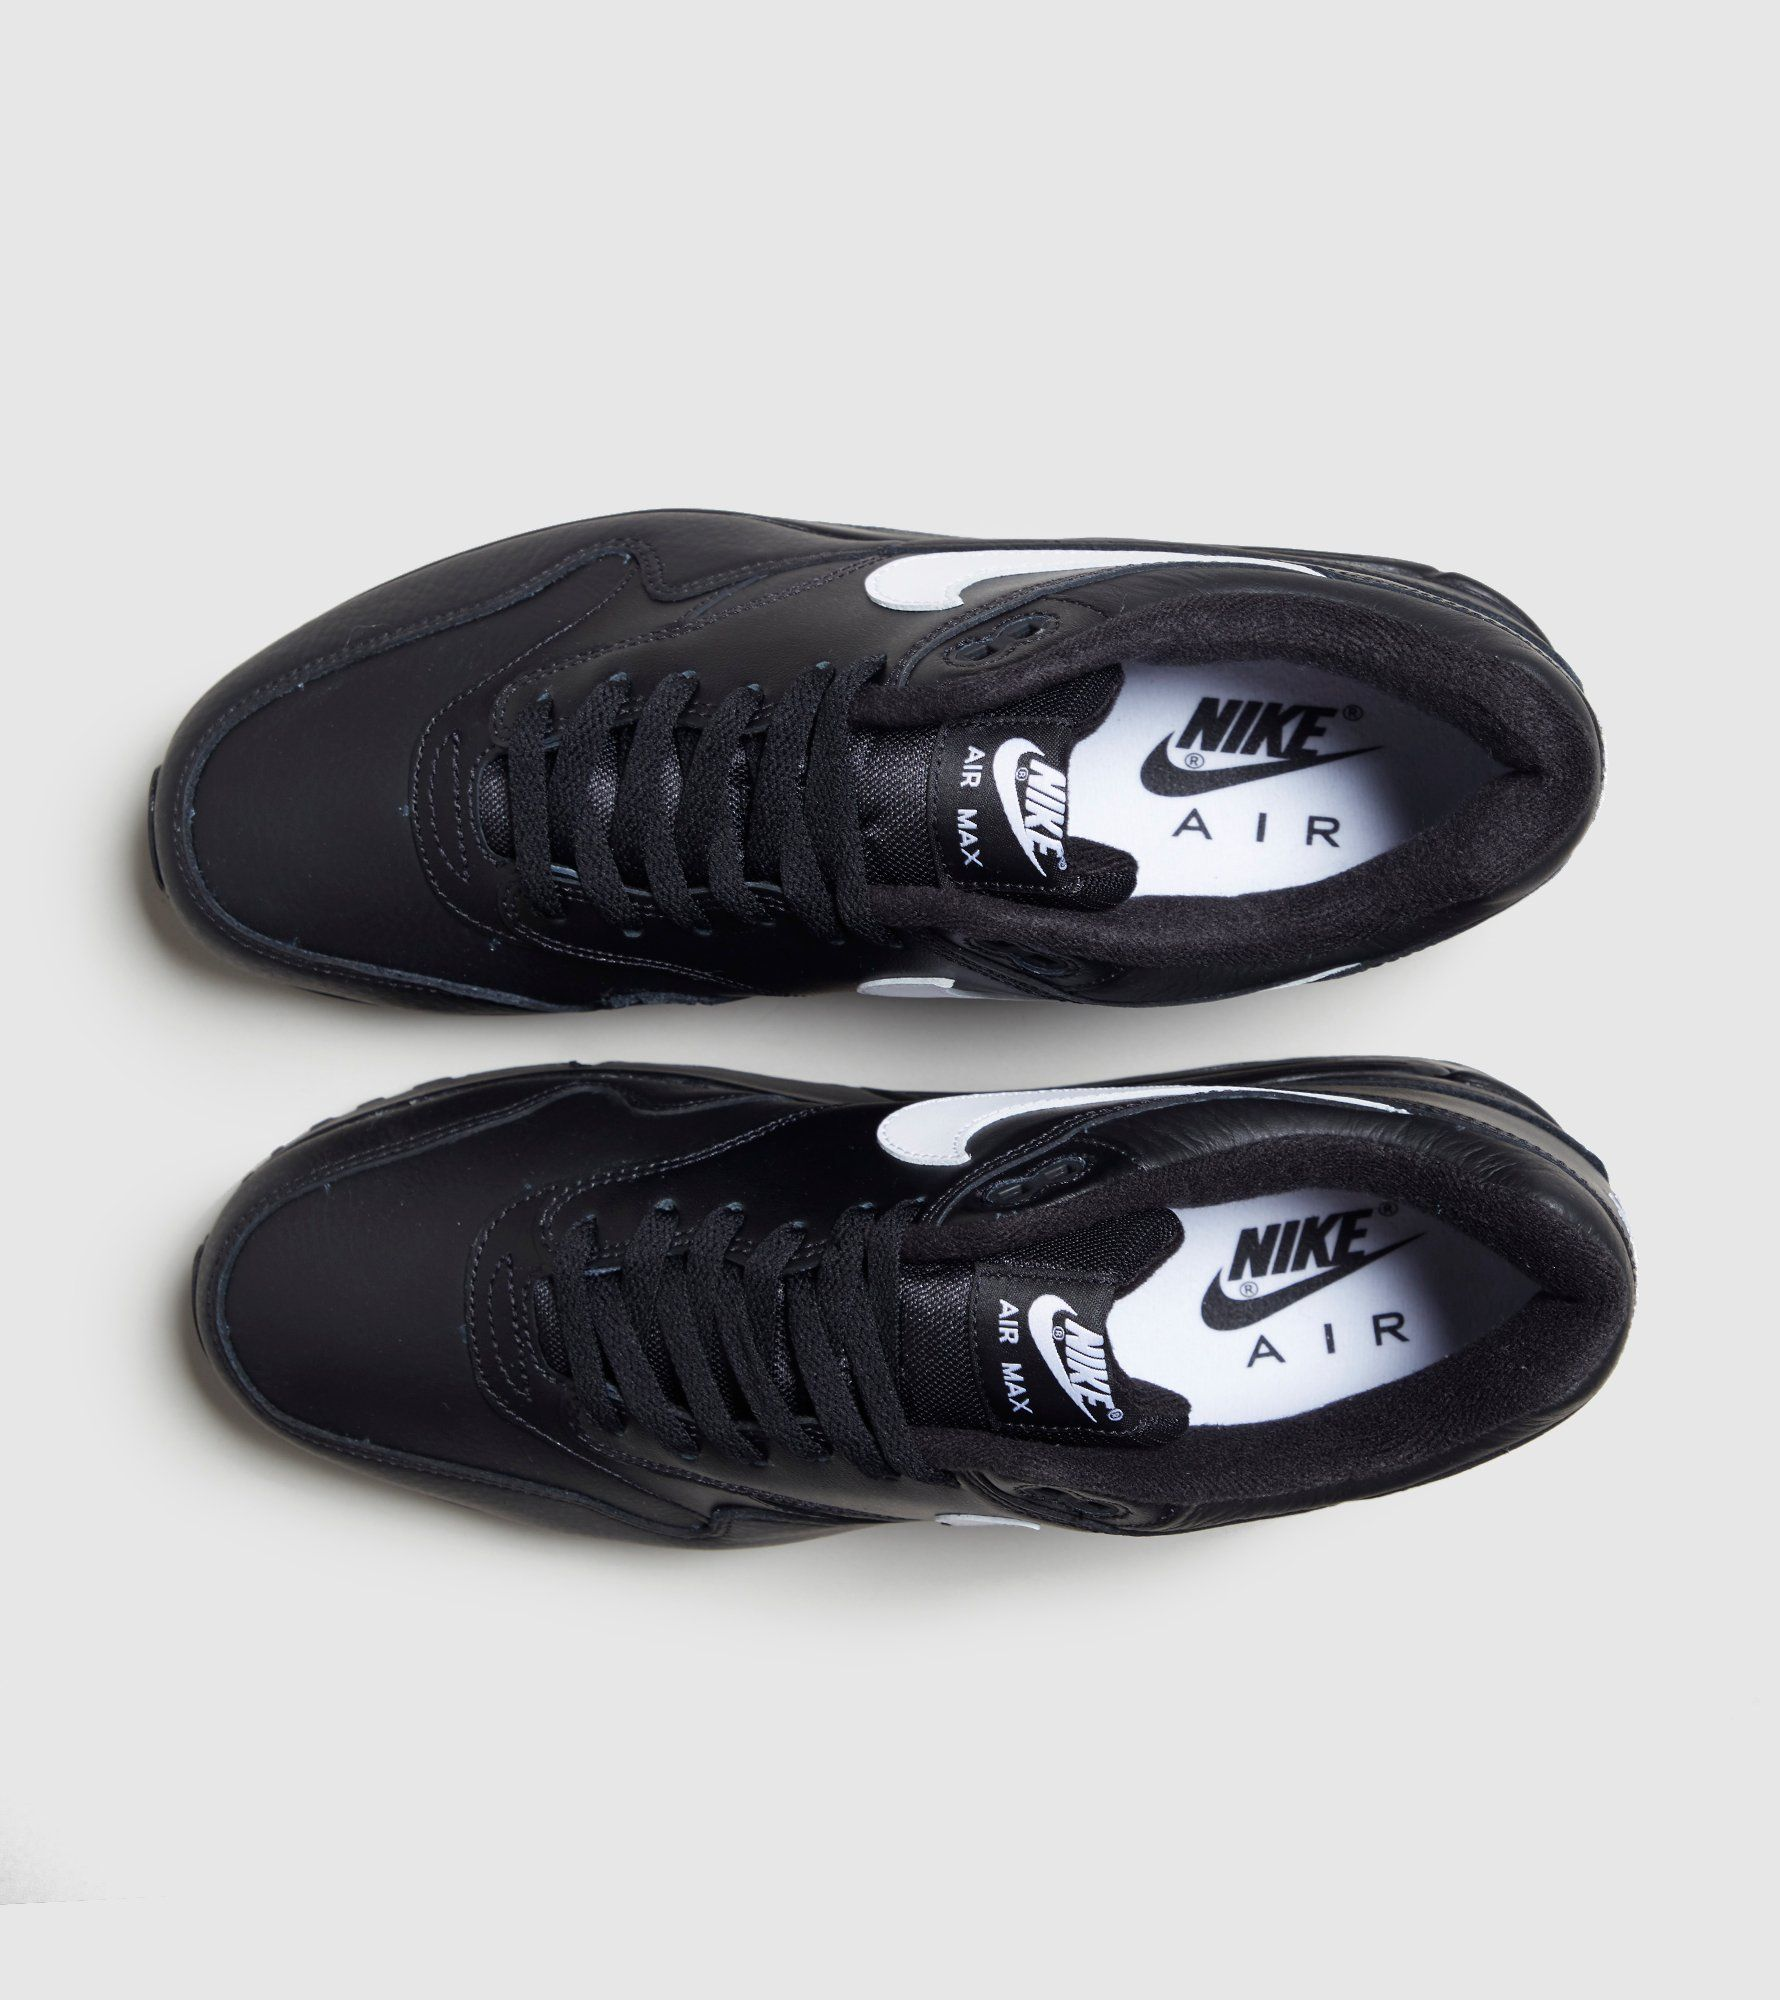 Nike Air Max 90/1